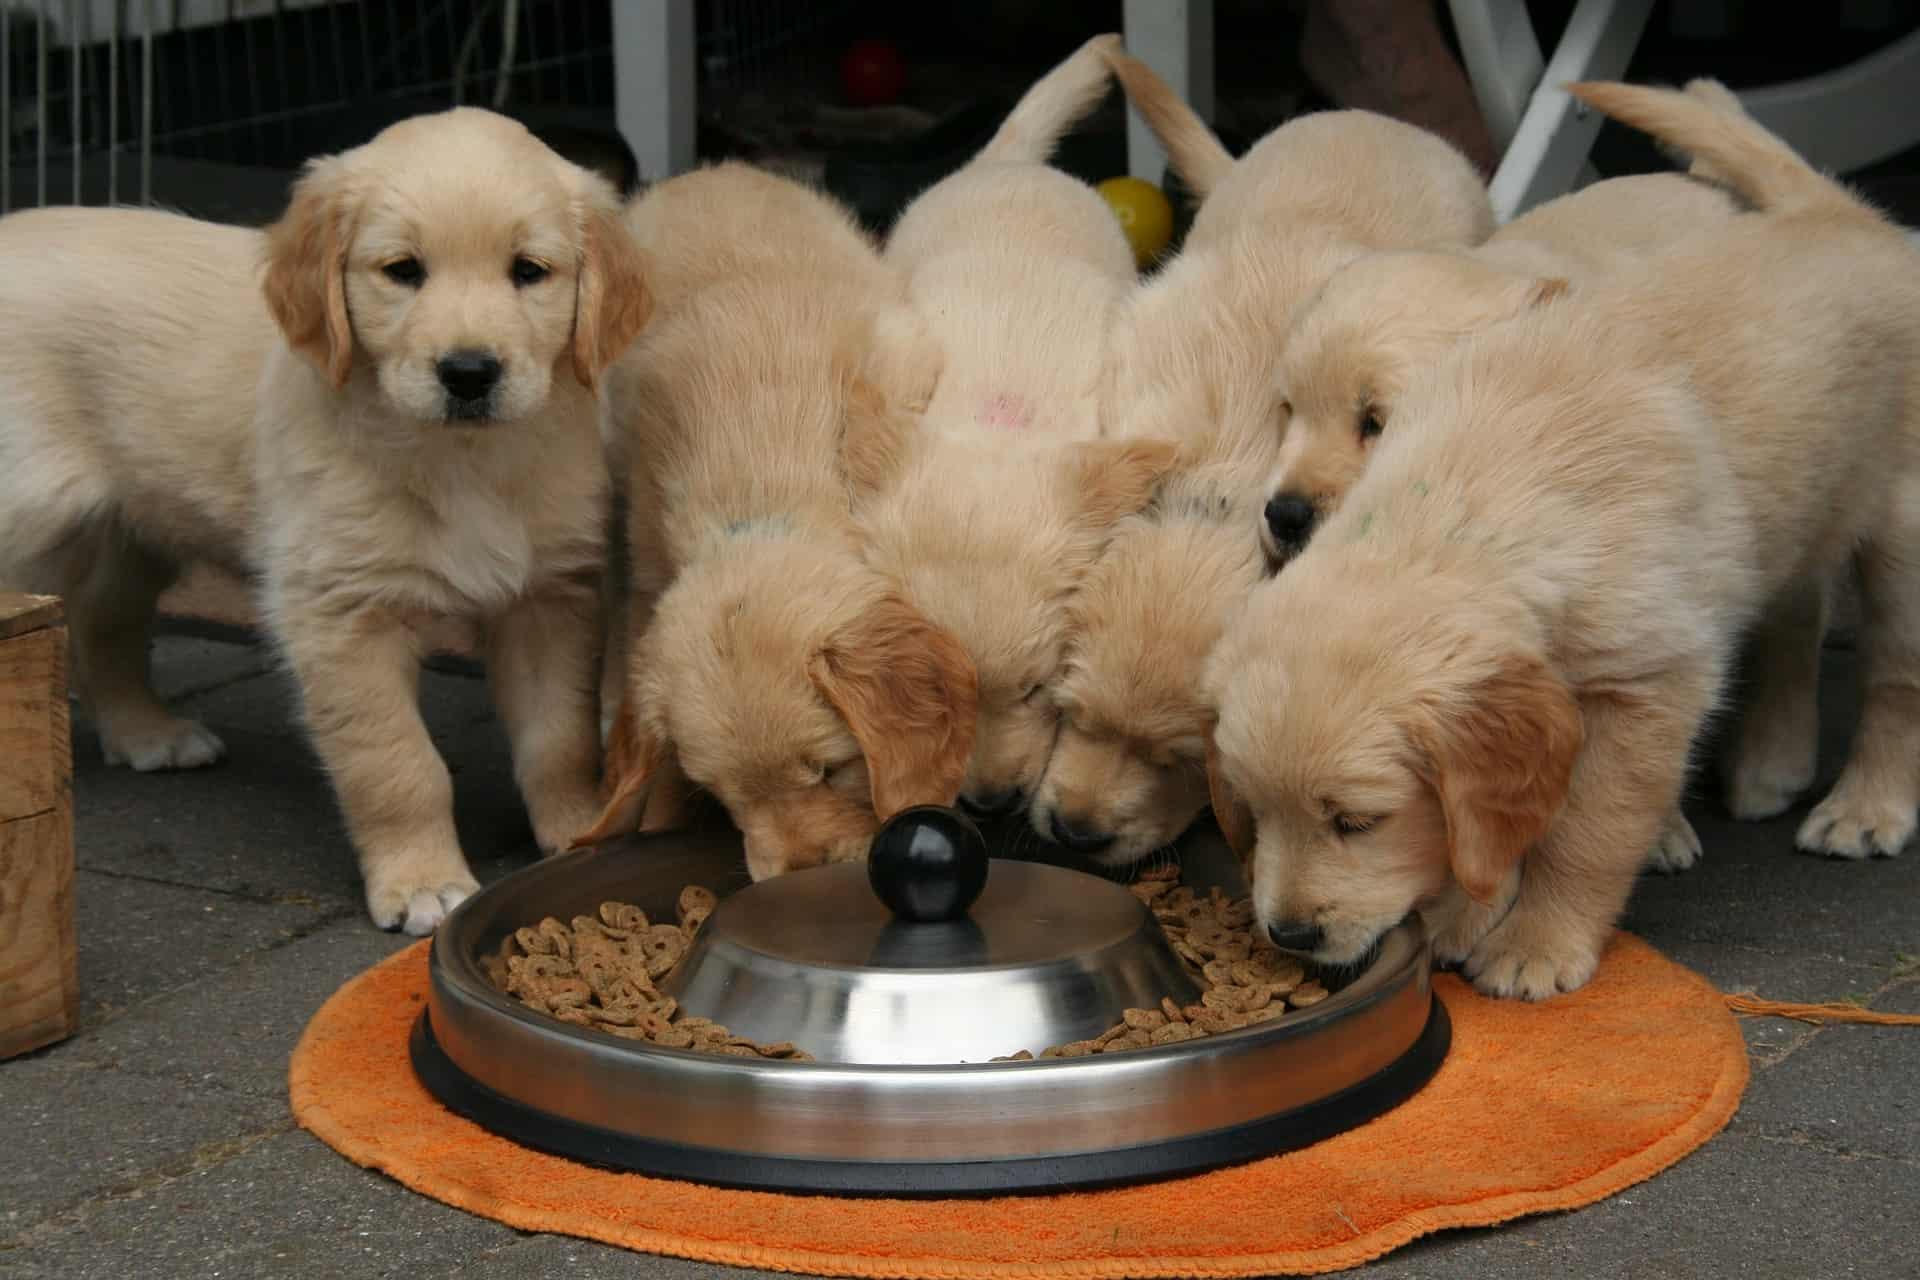 Bosch Hundefutter: Test & Empfehlungen (07/20)